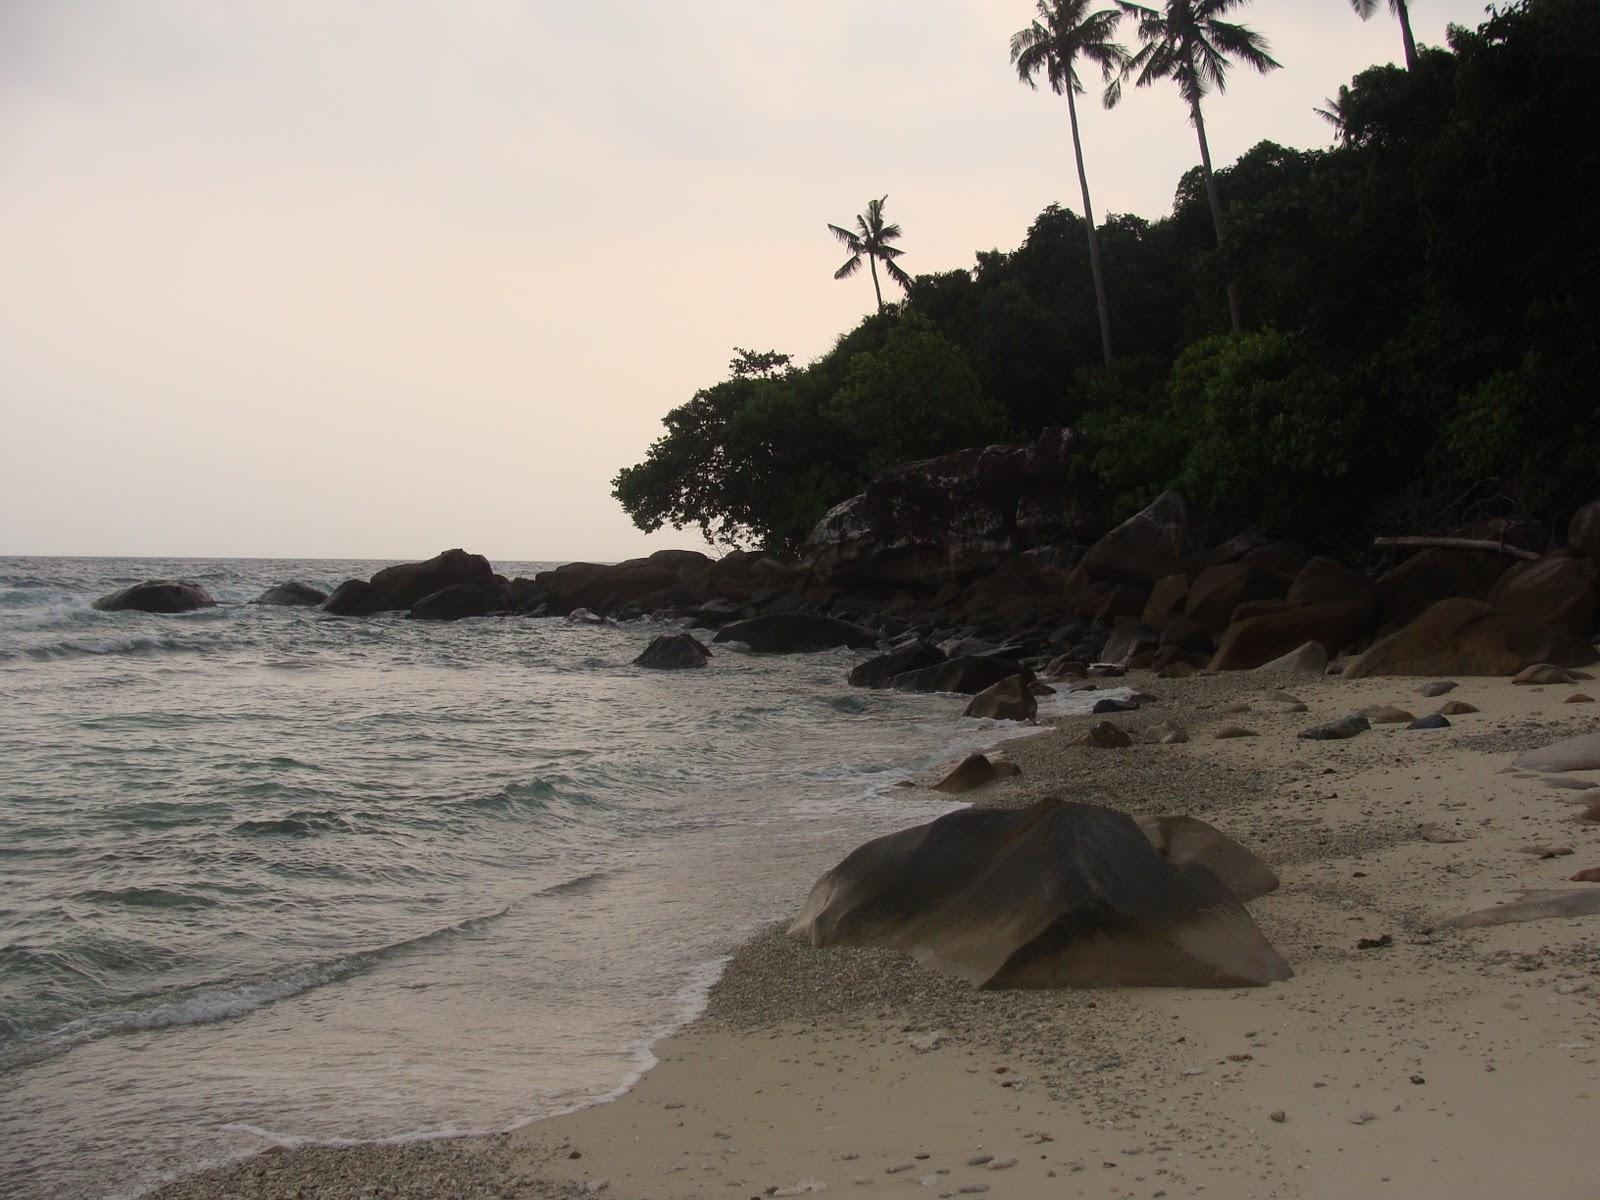 L ultima isola redang quella pi bella parlando di mare mai visto un mare cosi farete il bagno insieme agli squali circondate da milioni di pesci